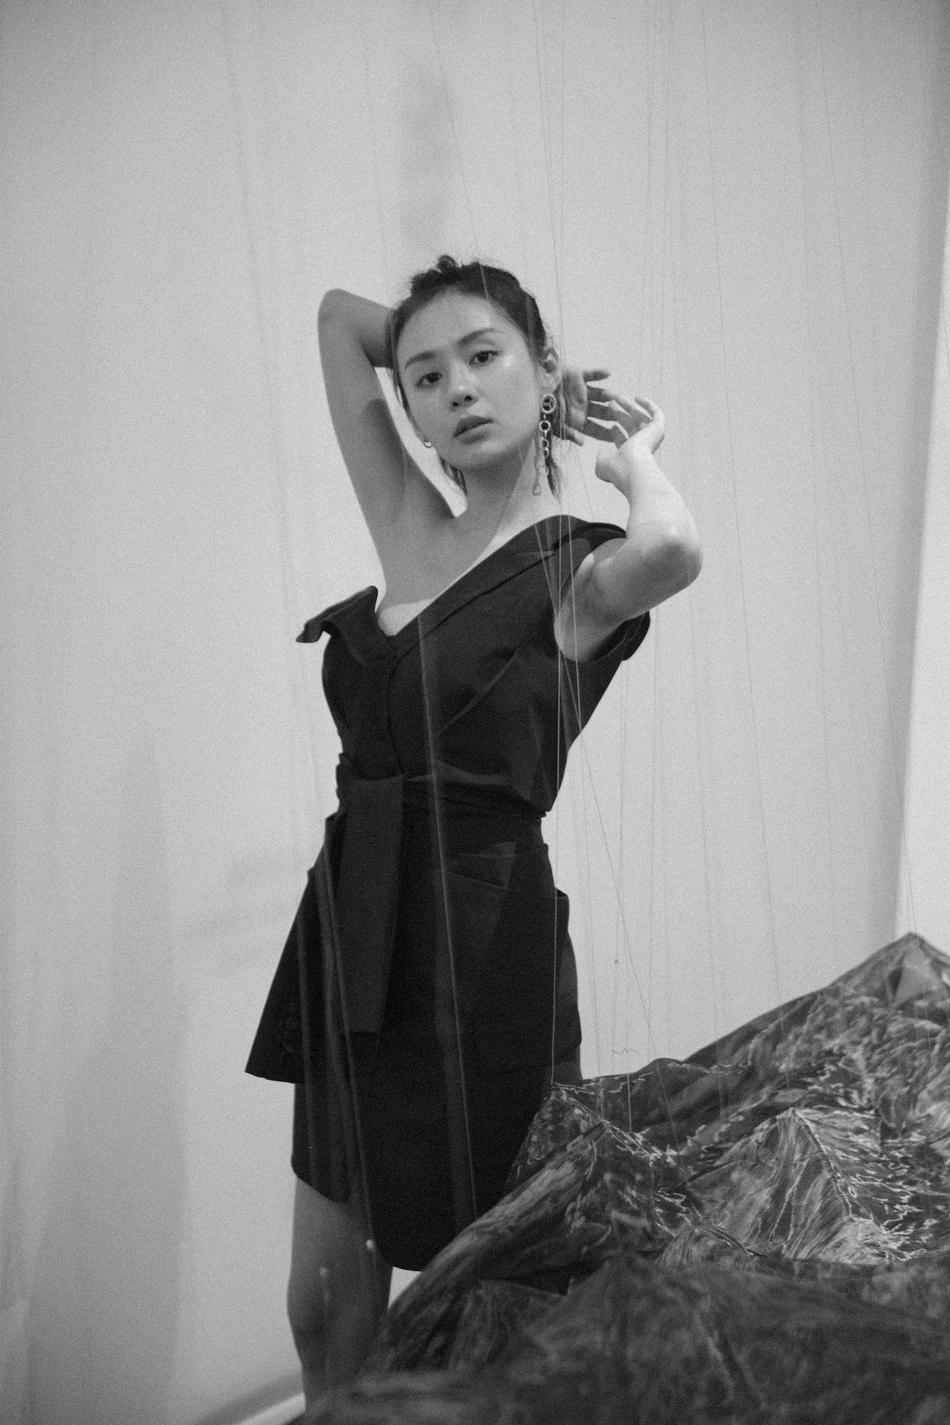 郑合惠子身着黑裙搭配高马尾 装束攻气十足 这样的她你爱吗